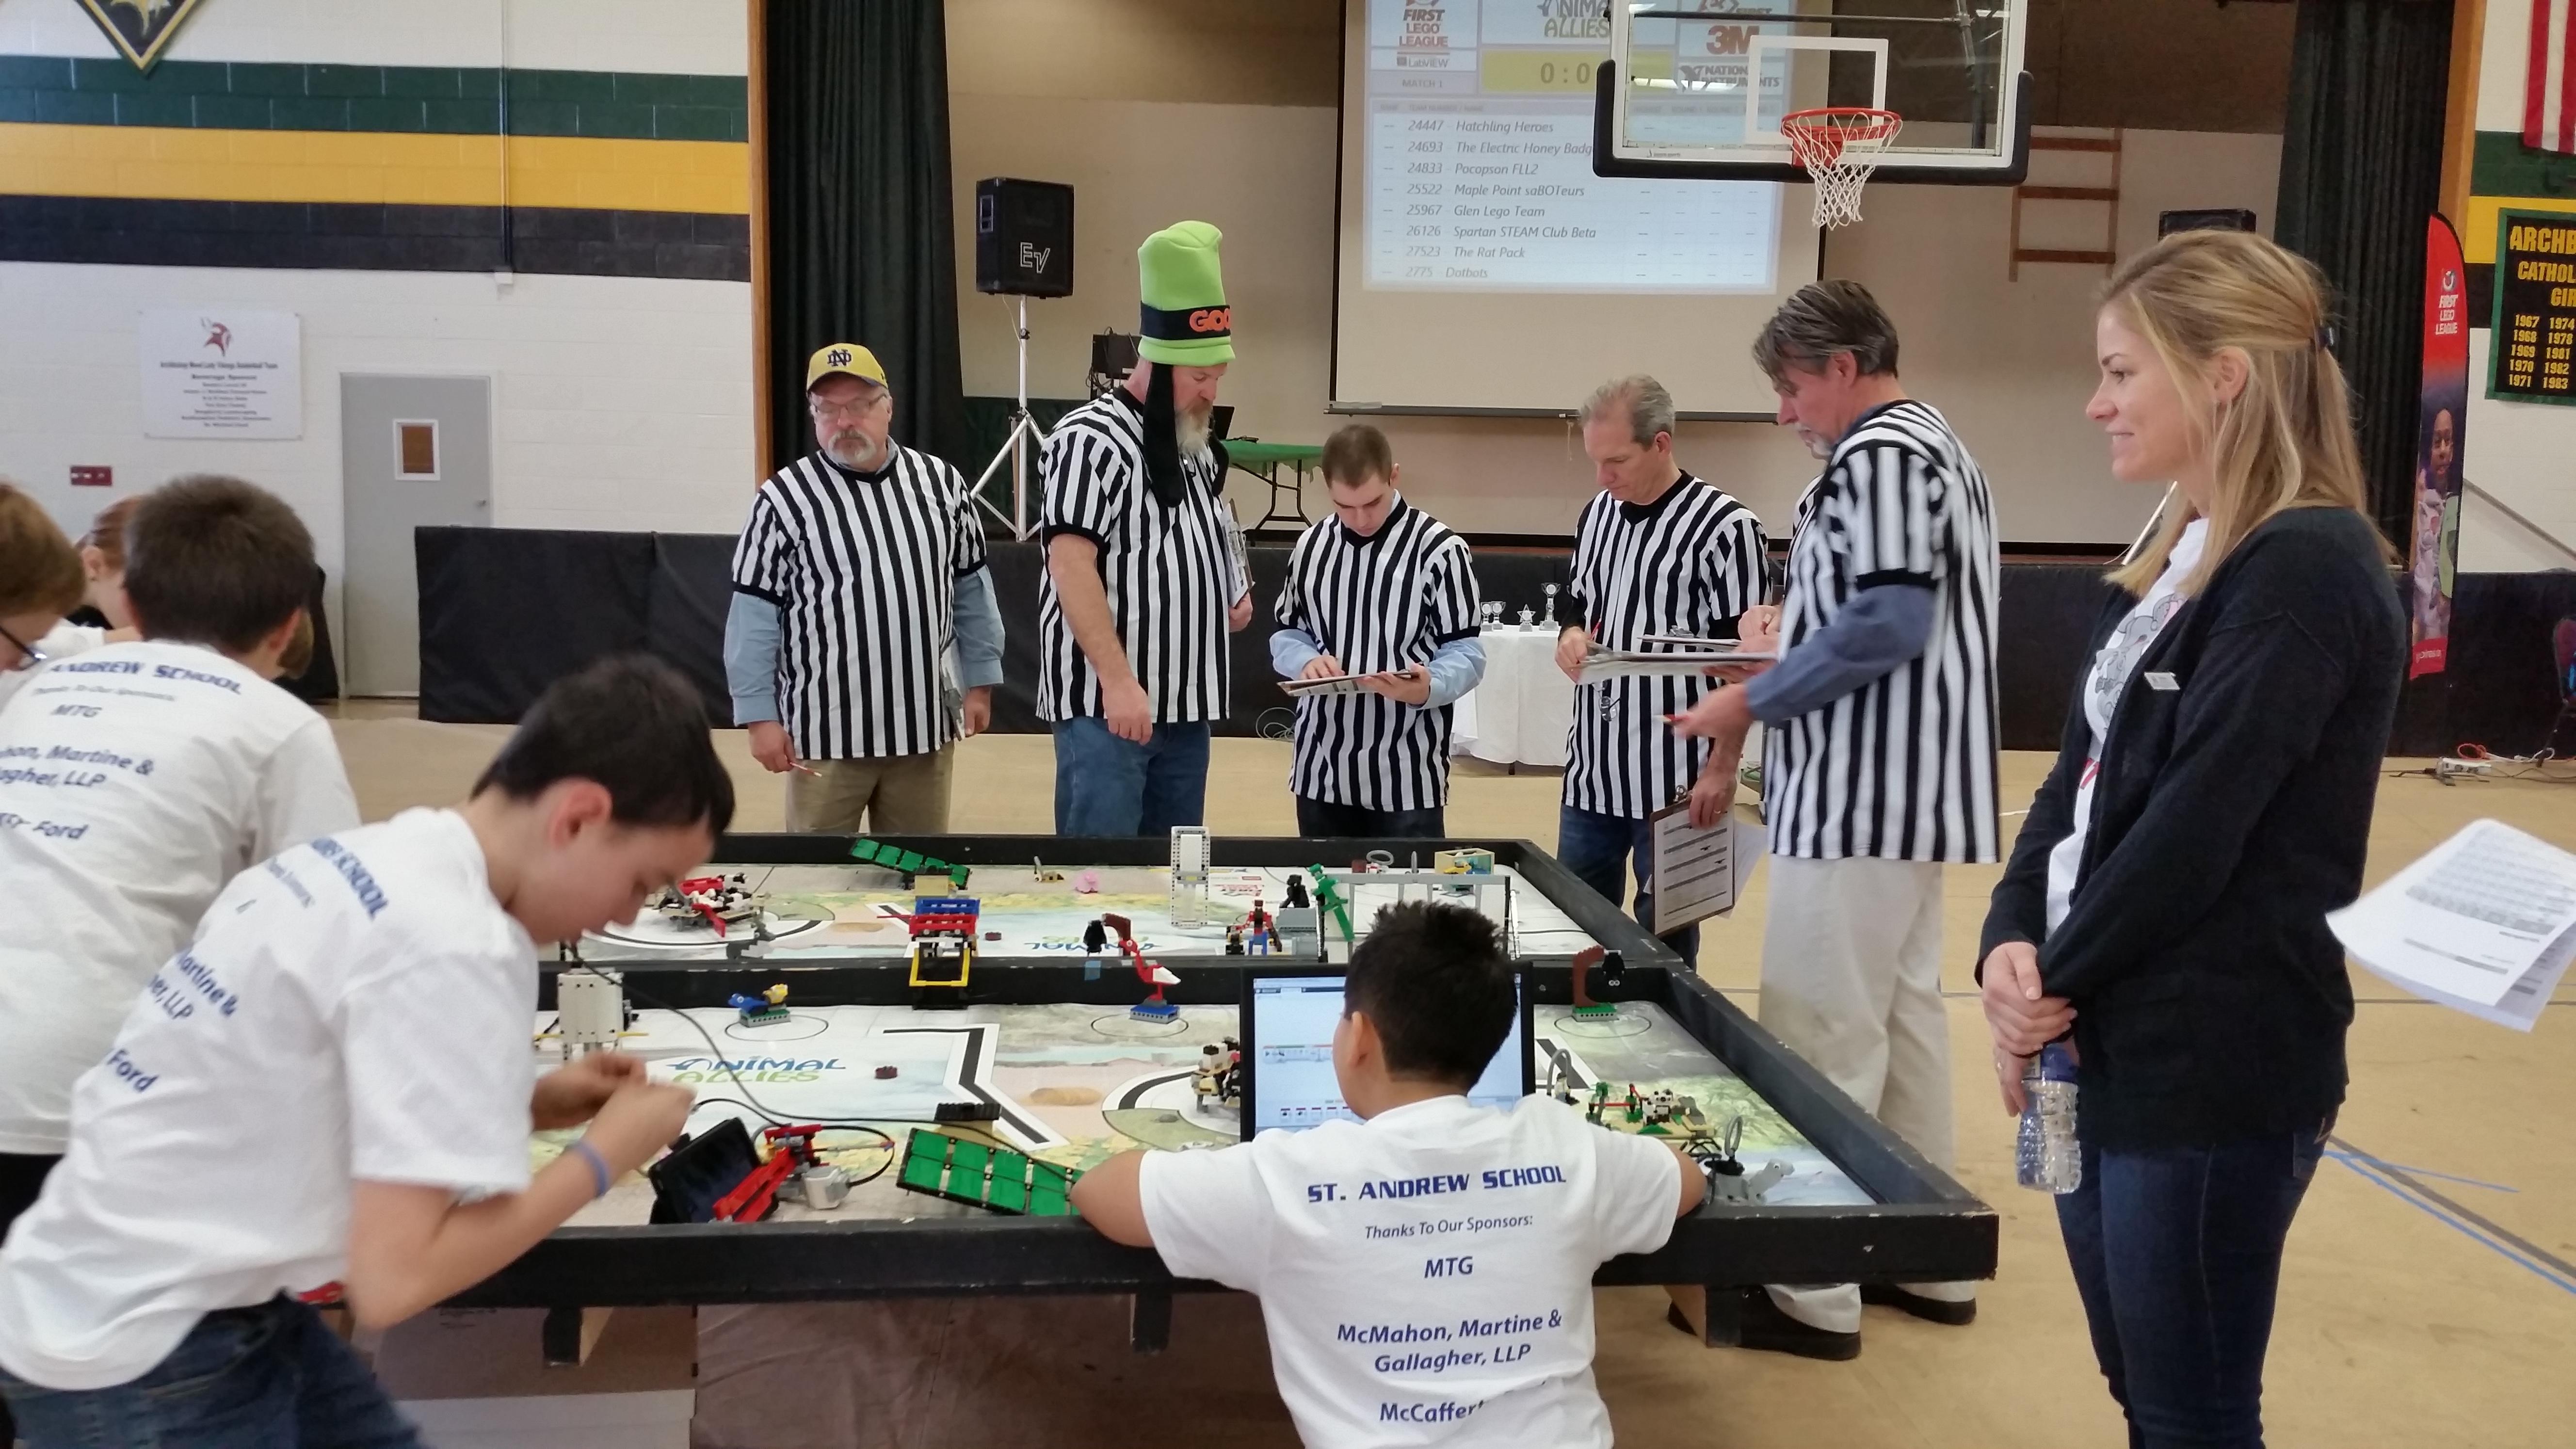 2016 Fourth Annual FLL Tournament